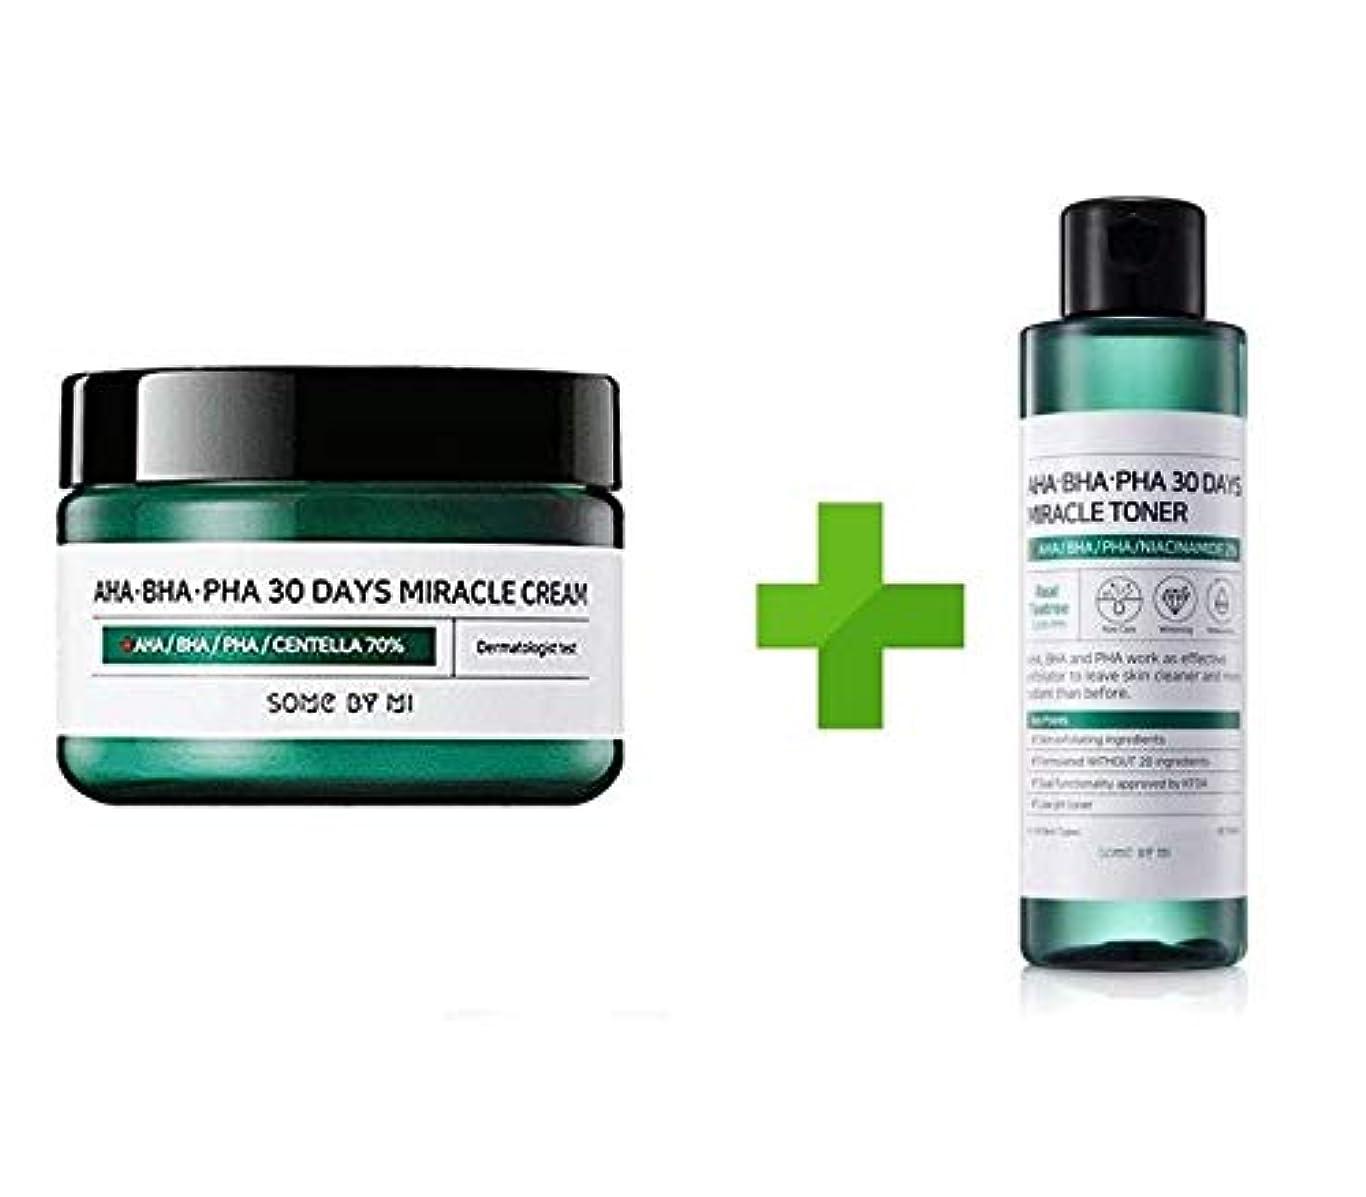 安心させる帰する疑い者Somebymi AHA BHA PHA Miracle Cream (50ml + Toner 150ml)Skin Barrier & Recovery, Soothing with Tea Tree 10,000ppm...